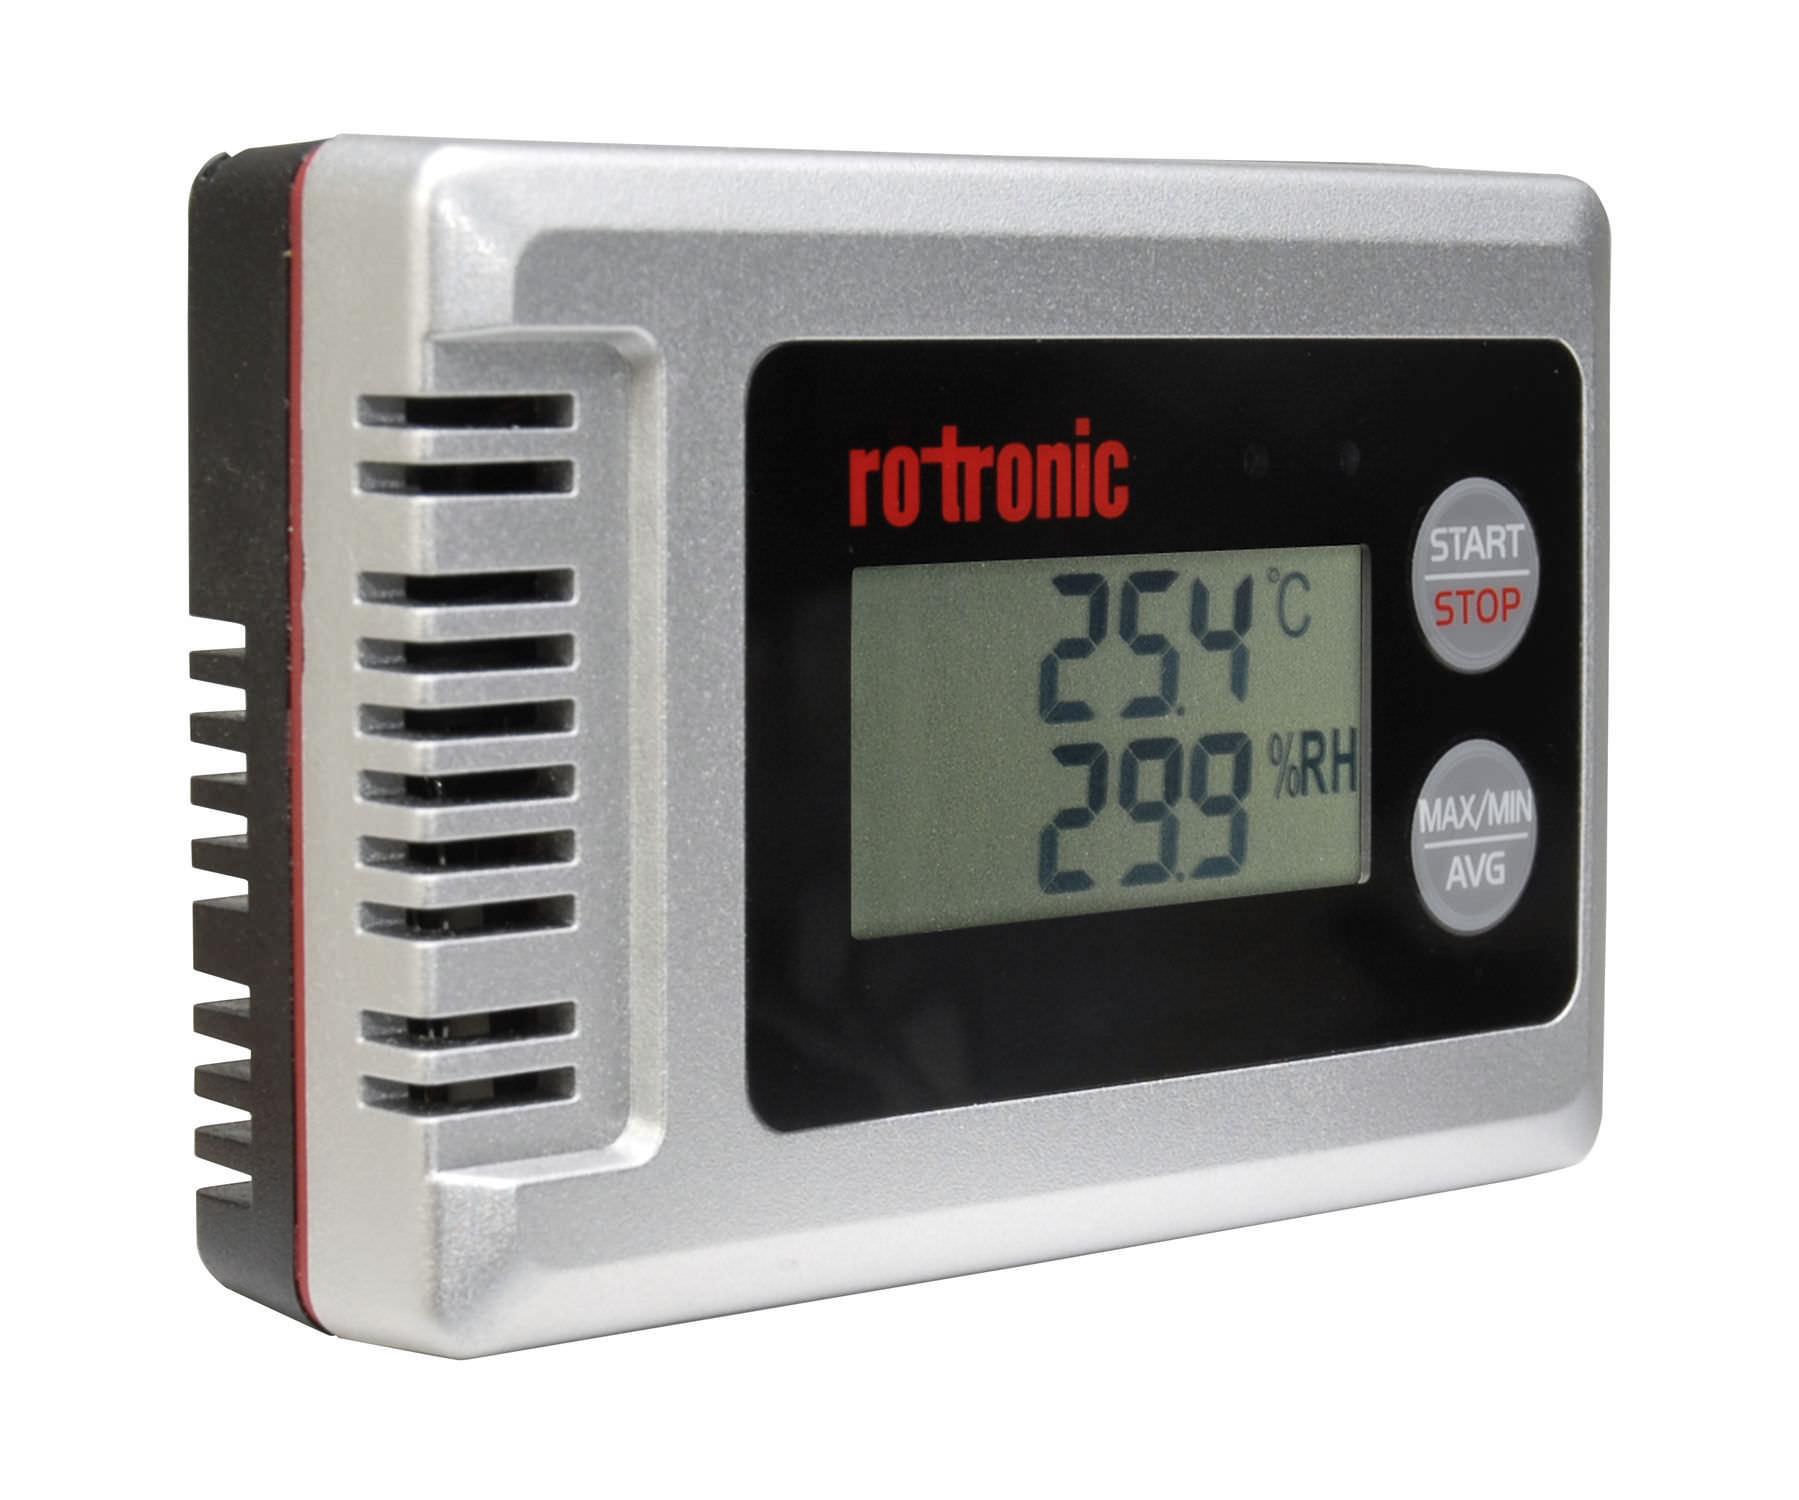 ROTRONIC HL de 1d Juego de Registrador de Datos para Humedad y Temperatura con Pantalla hydrolog Gris